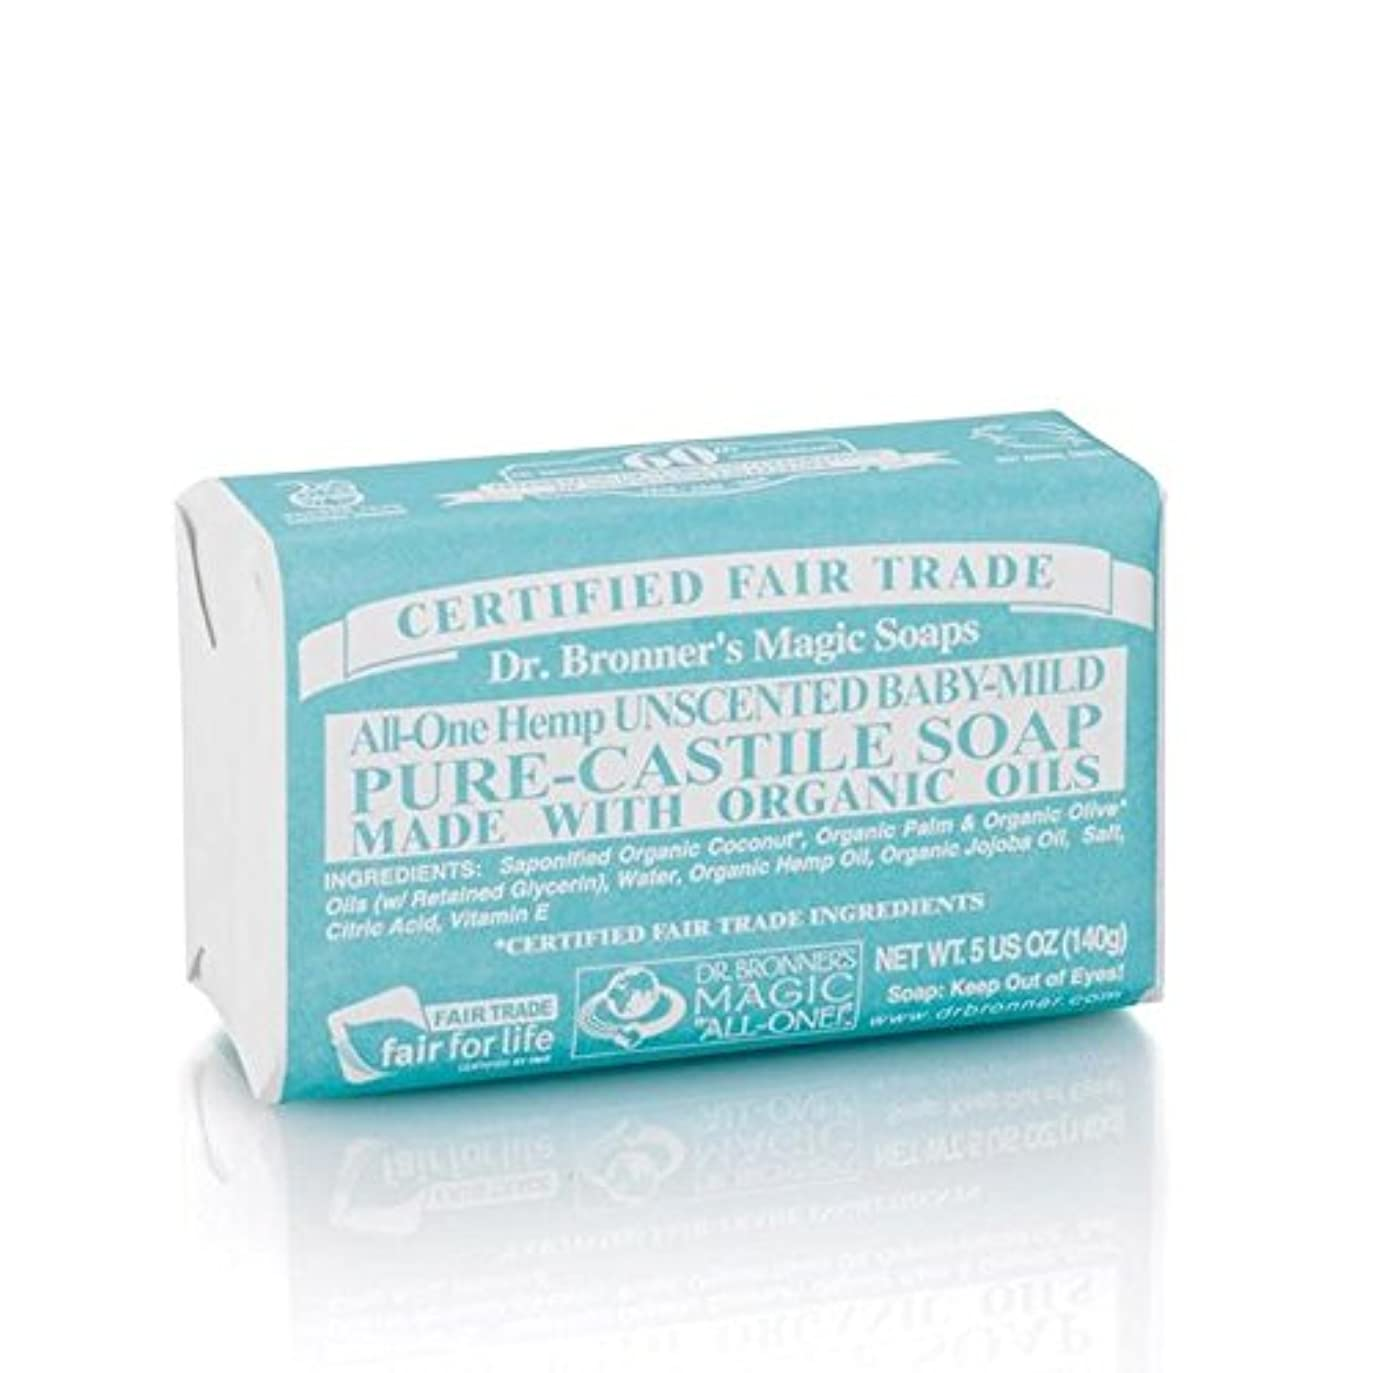 腫瘍コンテストさらにのブロナーオーガニックベビーマイルドソープバー140グラム x2 - Dr Bronner Organic Baby Mild Soap Bar 140g (Pack of 2) [並行輸入品]